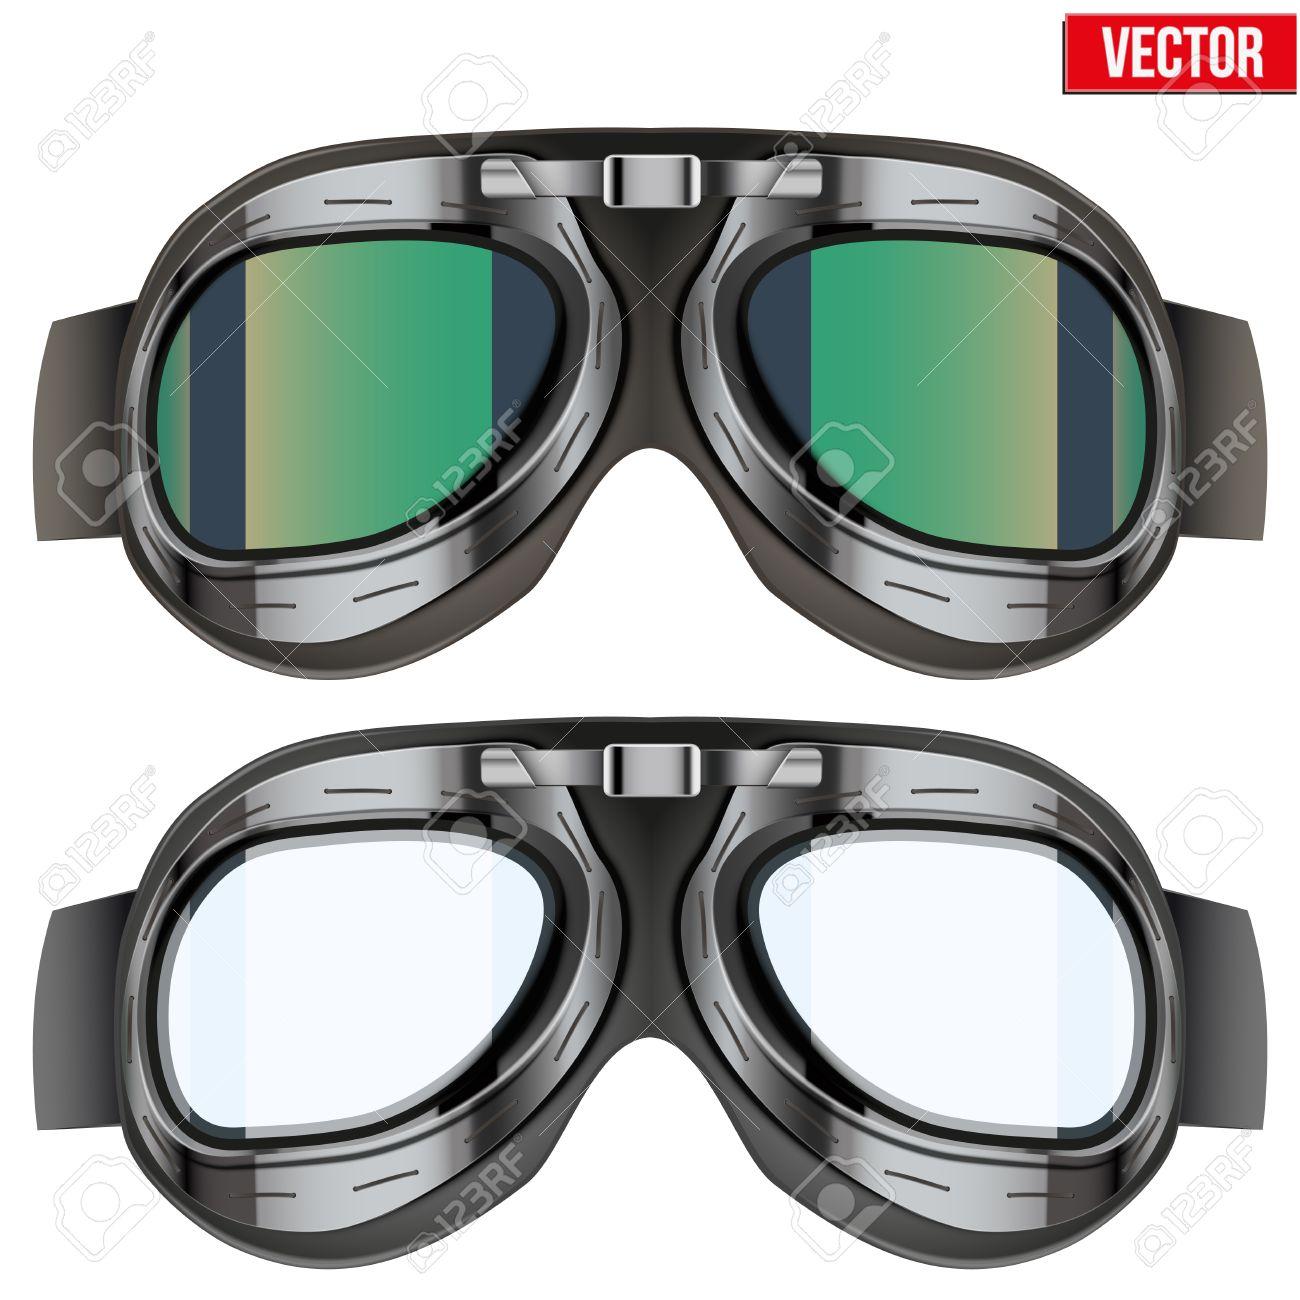 b868a3ec06 Foto de archivo - Gafas retro gafas de piloto aviador. Objeto de la  vendimia. Ilustración del vector. Aislados en blanco